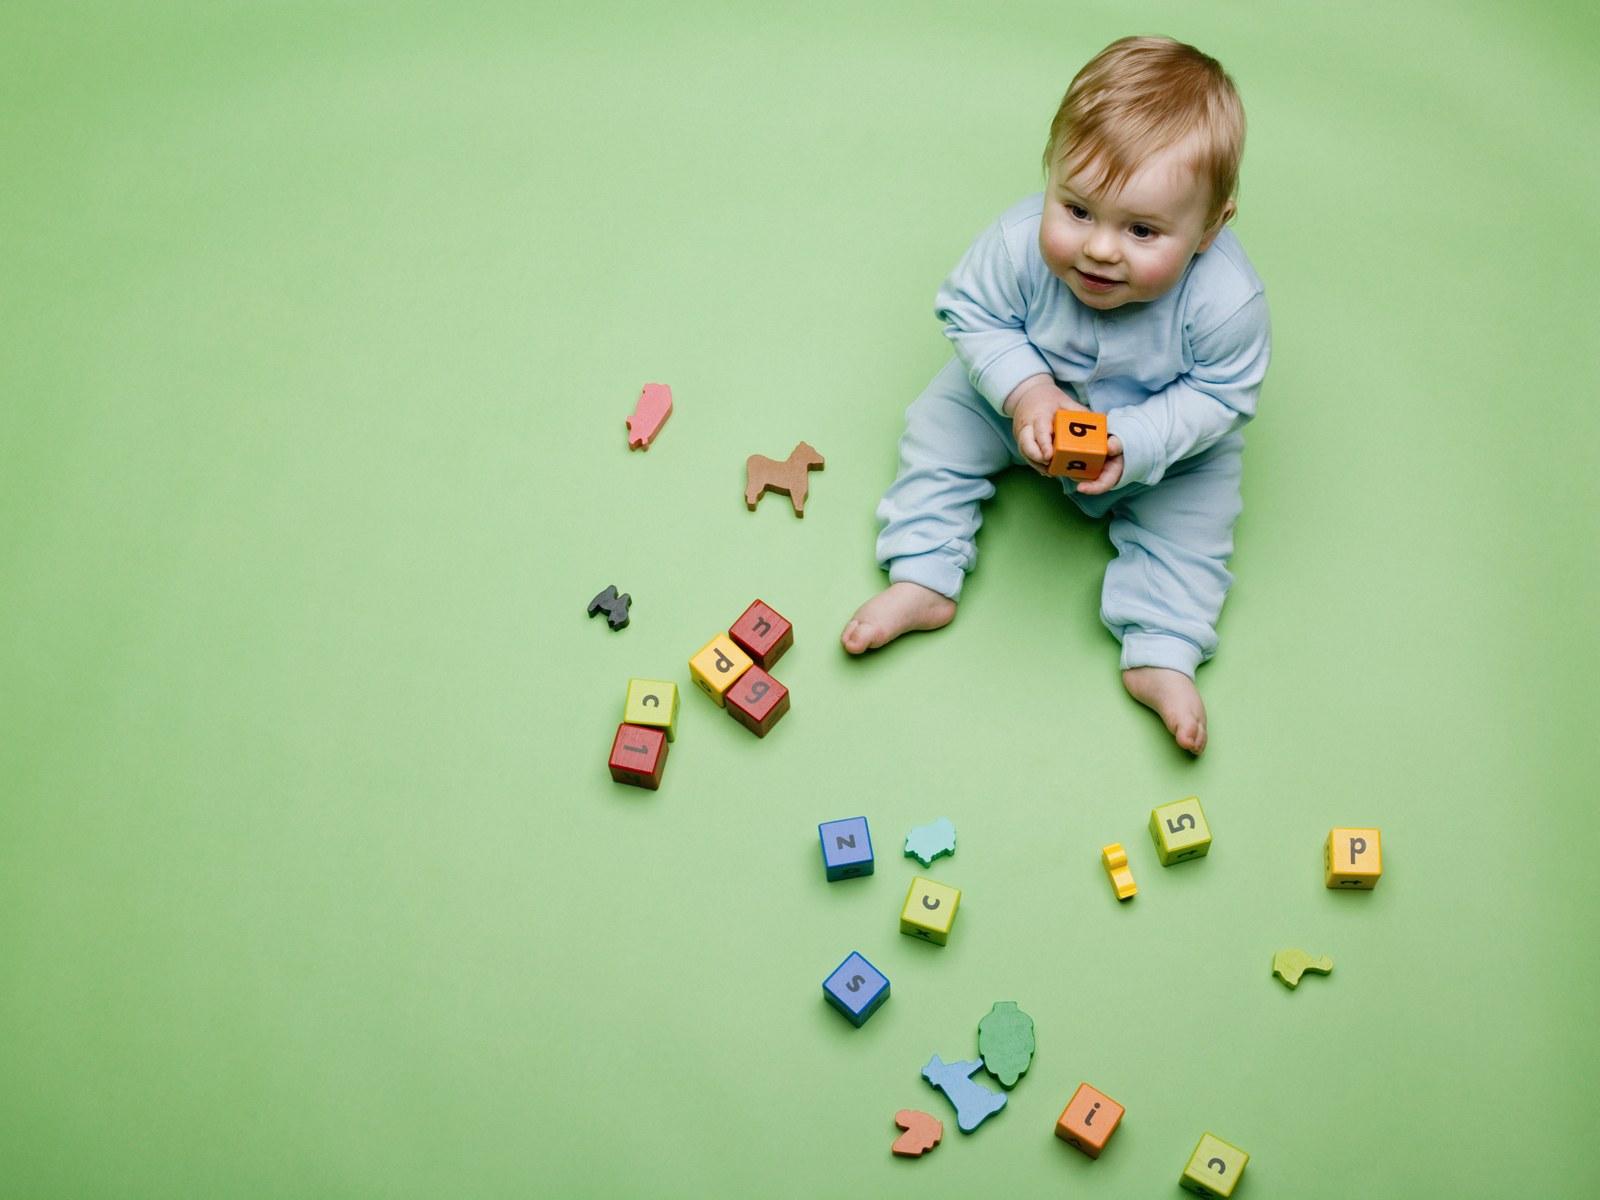 天真可爱的外国儿童摄影图片素材 31P